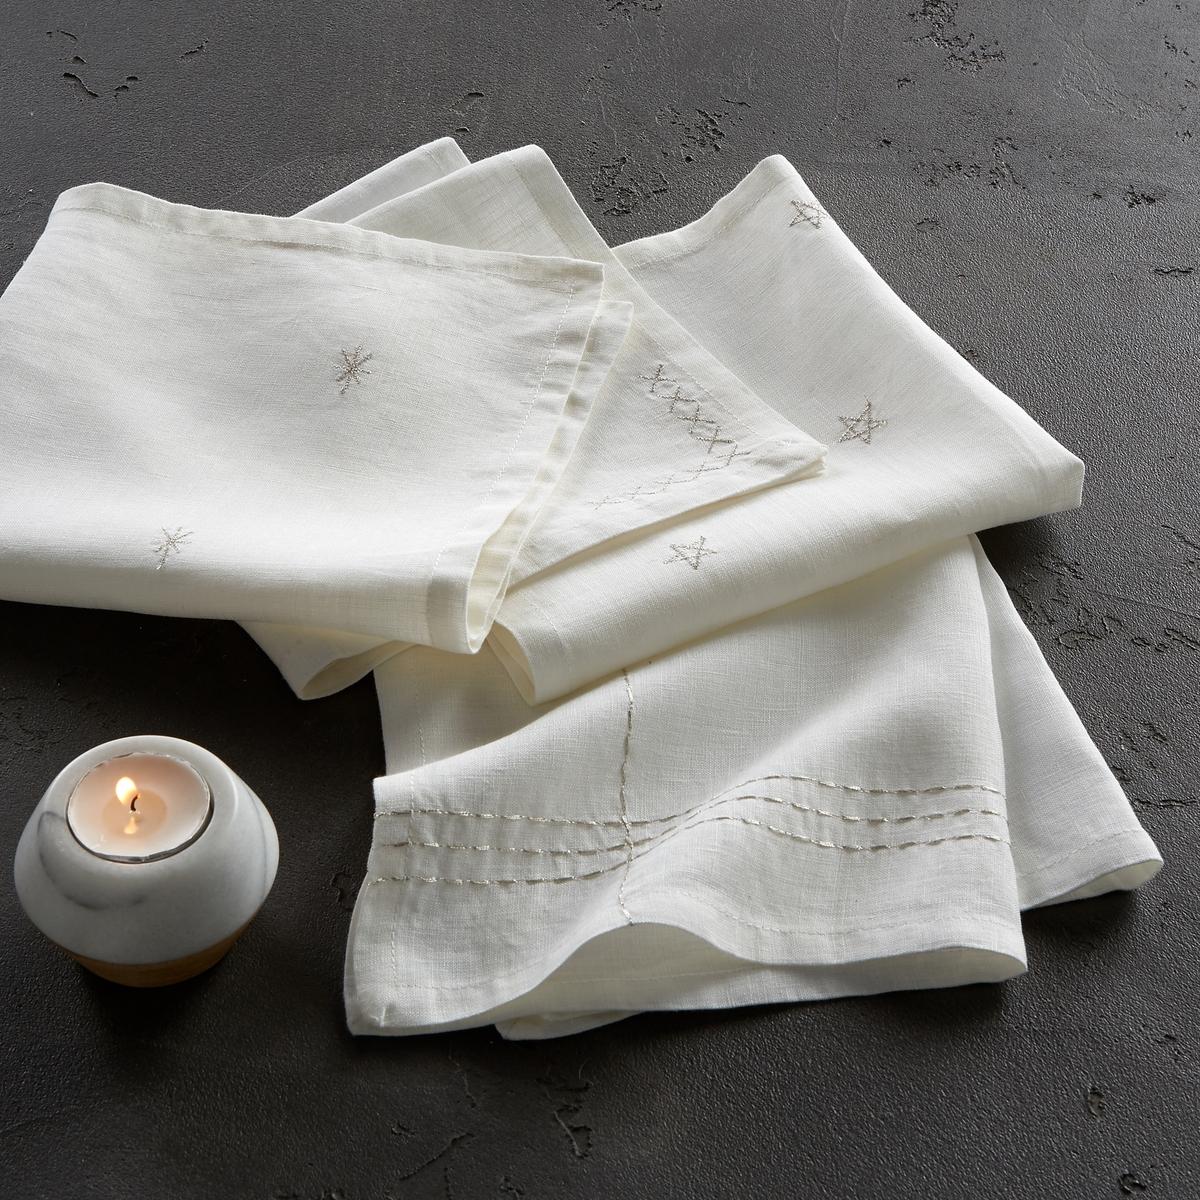 4 салфетки льняных с вышивкой Vanani4 салфетки Vanani из 100% льна. Эти салфетки совмещают естественную мягкость льна и изысканность вышивки, непохожей на разных изделиях.  Состав : - 100% ленОписание : - 1 вышитый рисунок, особенный на каждой салфетке- Серебристая вышивка на белом фоне и золотистая вышивка на антрацитовом фонеРазмер : - 40 x 40 смЗнак Oeko-Tex® гарантирует, что товары протестированы, сертифицированы и не содержат вредных для здоровья веществ.<br><br>Цвет: антрацит,белый<br>Размер: 40 x 40  см.40 x 40  см